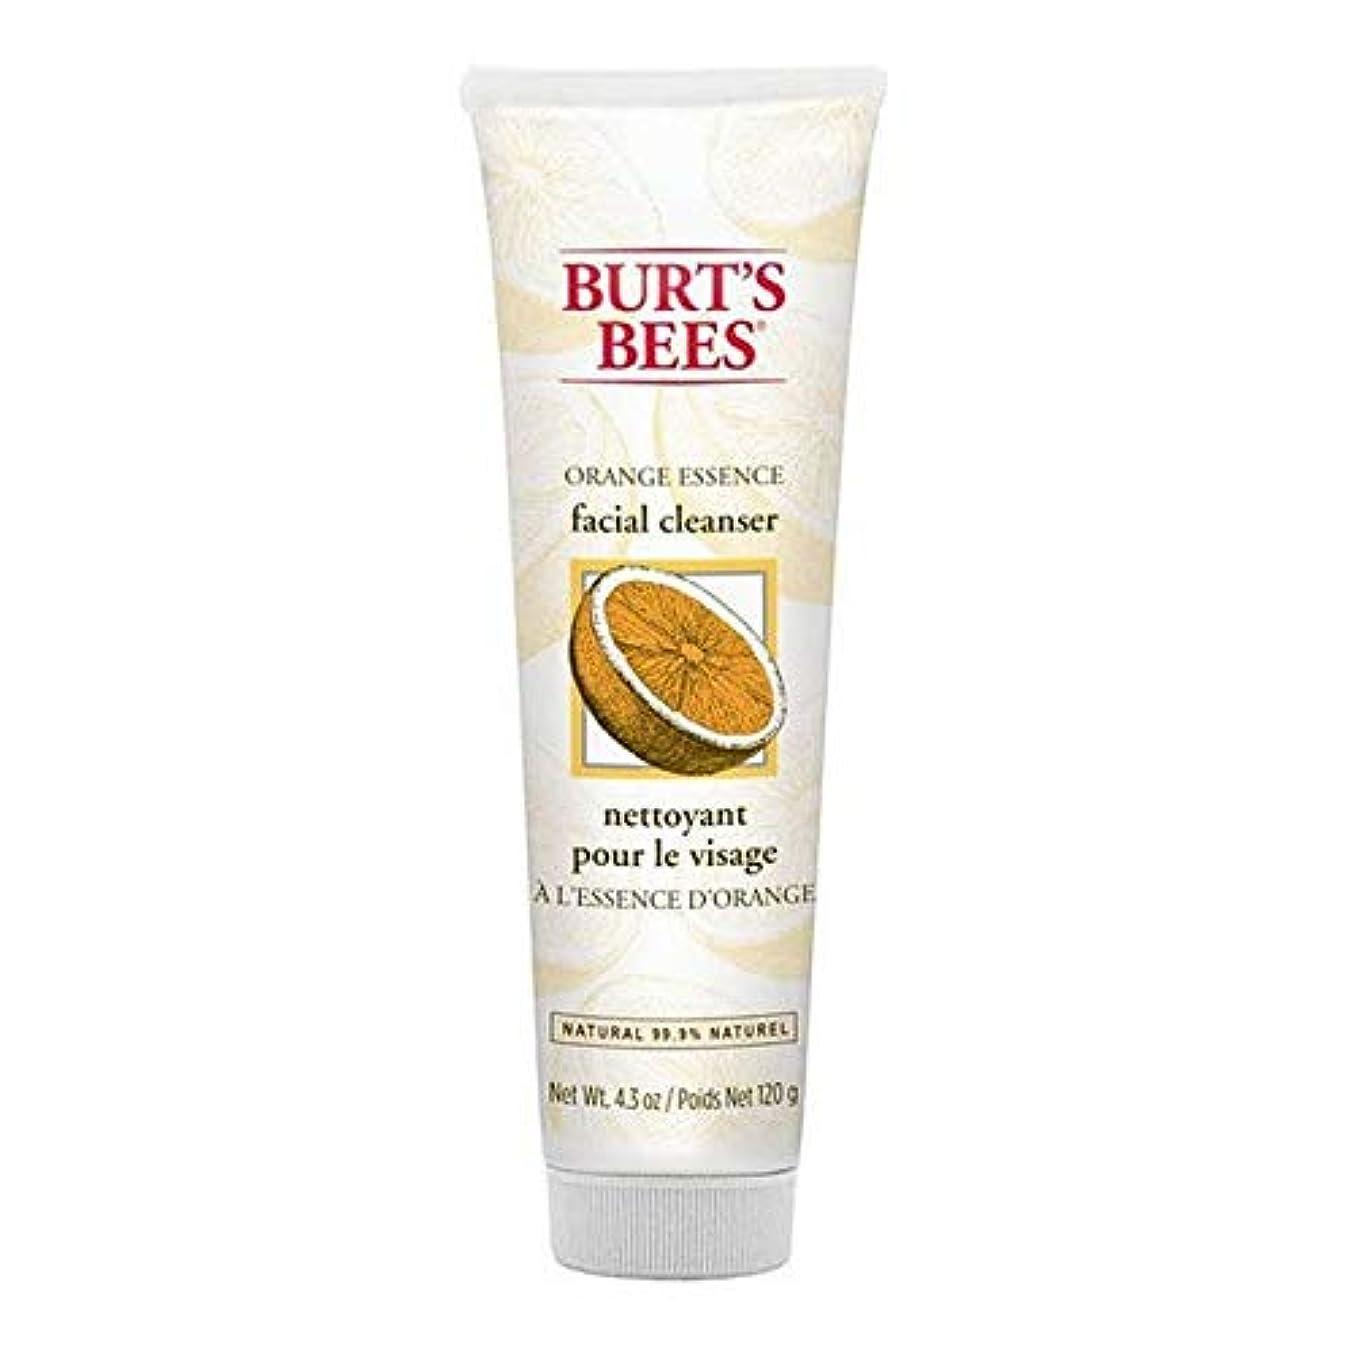 リビジョンワイン美容師[Burt's Bees ] バーツビーオレンジエッセンス洗顔料の120グラム - Burt's Bees Orange Essence Facial Cleanser 120g [並行輸入品]